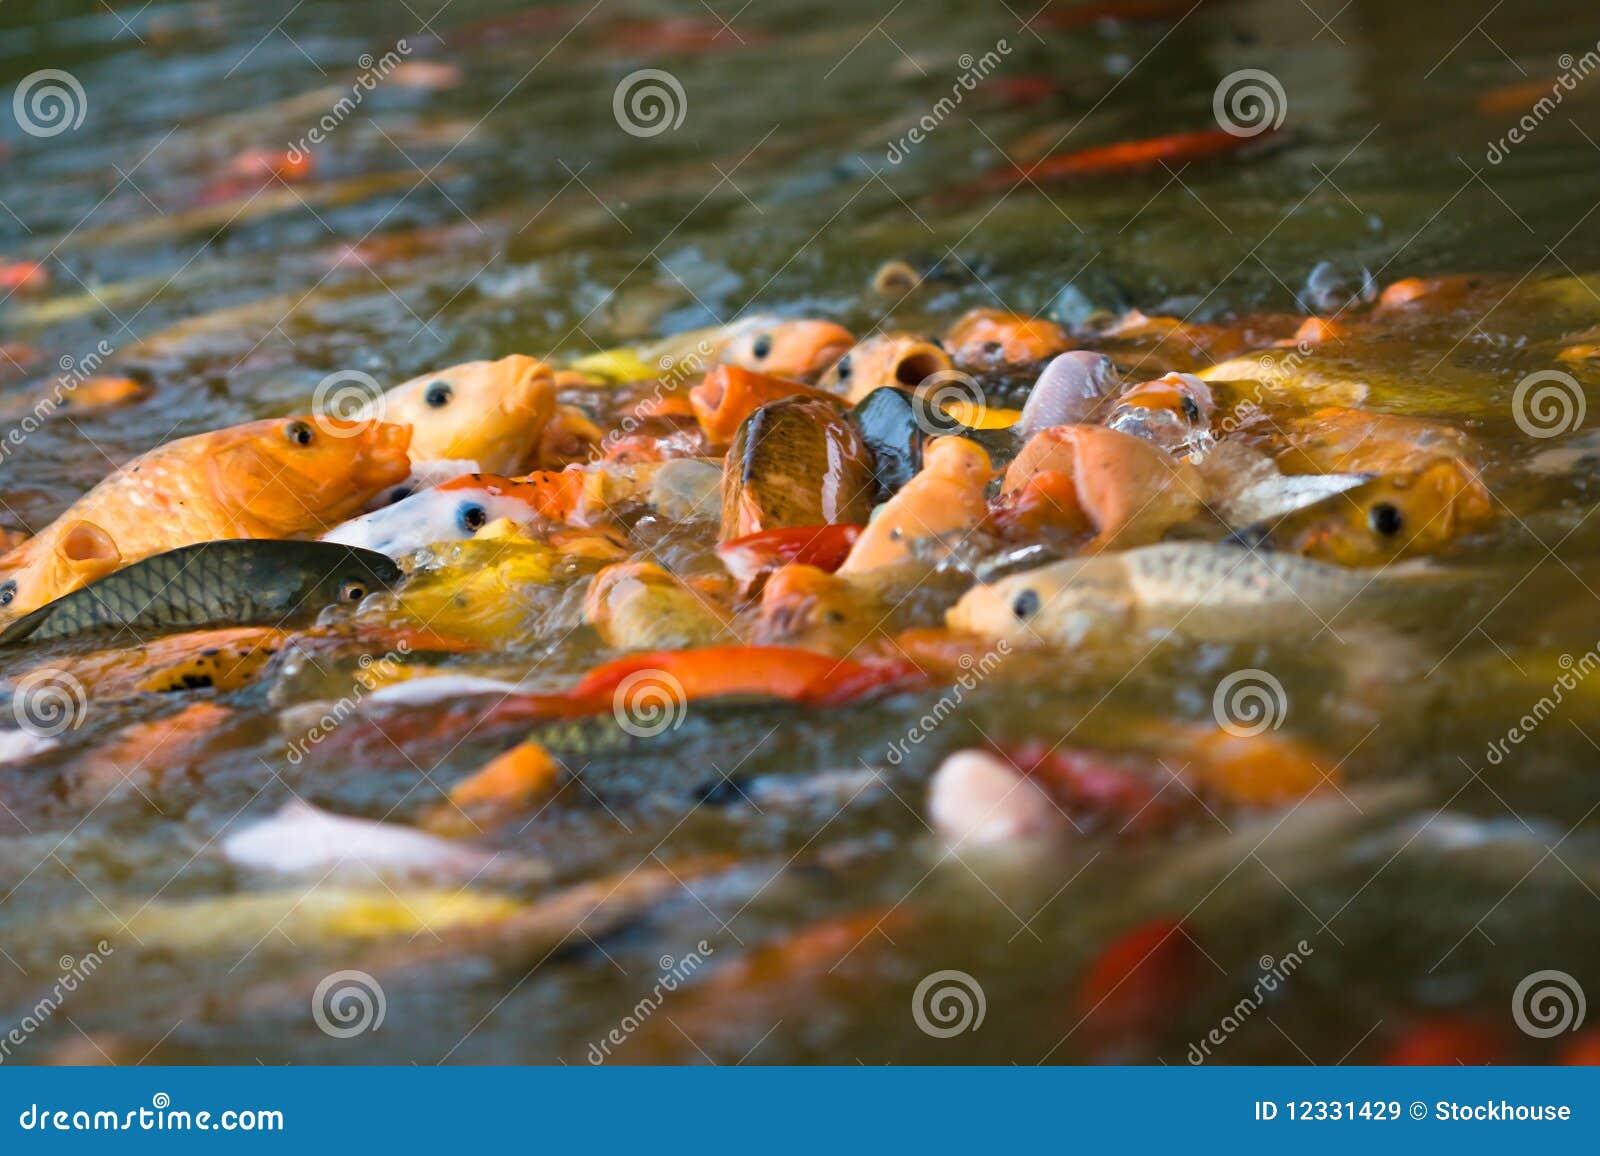 Koi feeding frenzy 1 royalty free stock images image for Feeding koi fish